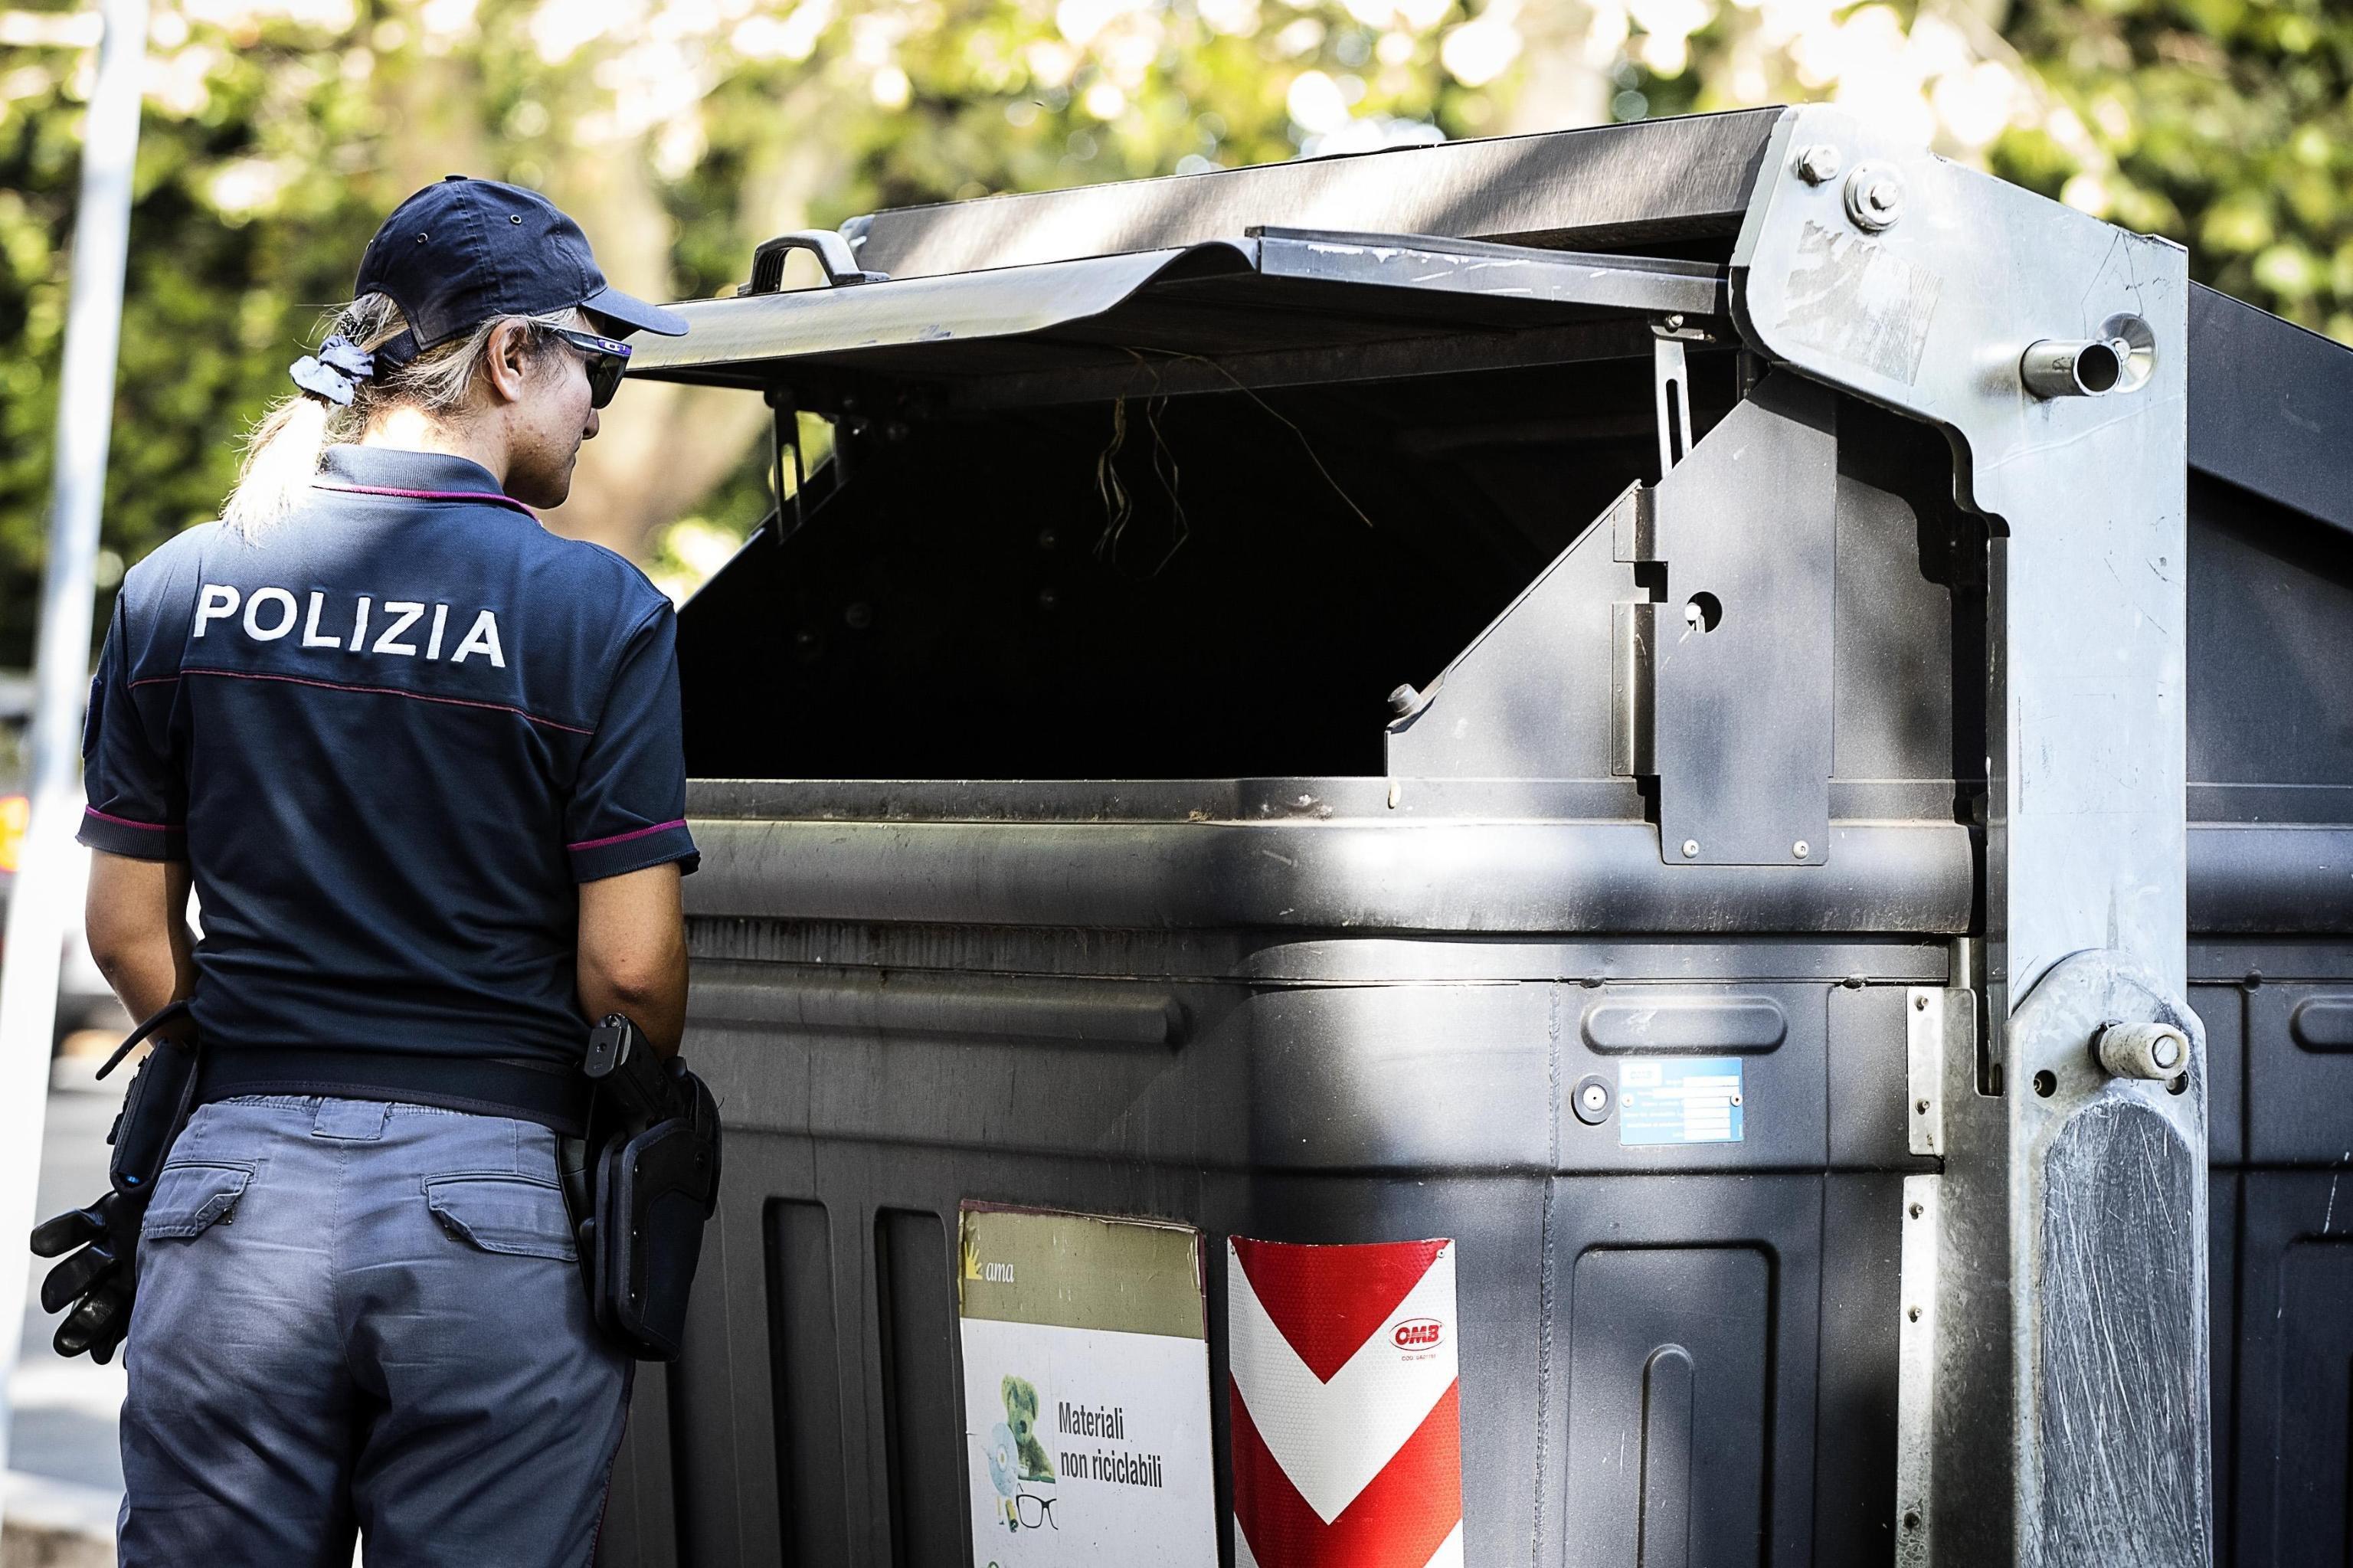 Diversos membres de la policia italiana acordonen un contenidor d'escombraries al barri residencial de Parioli a Roma, en el qual s'han trobat dues cames de dona amputades (Itàlia). /ANGELO CARCONI